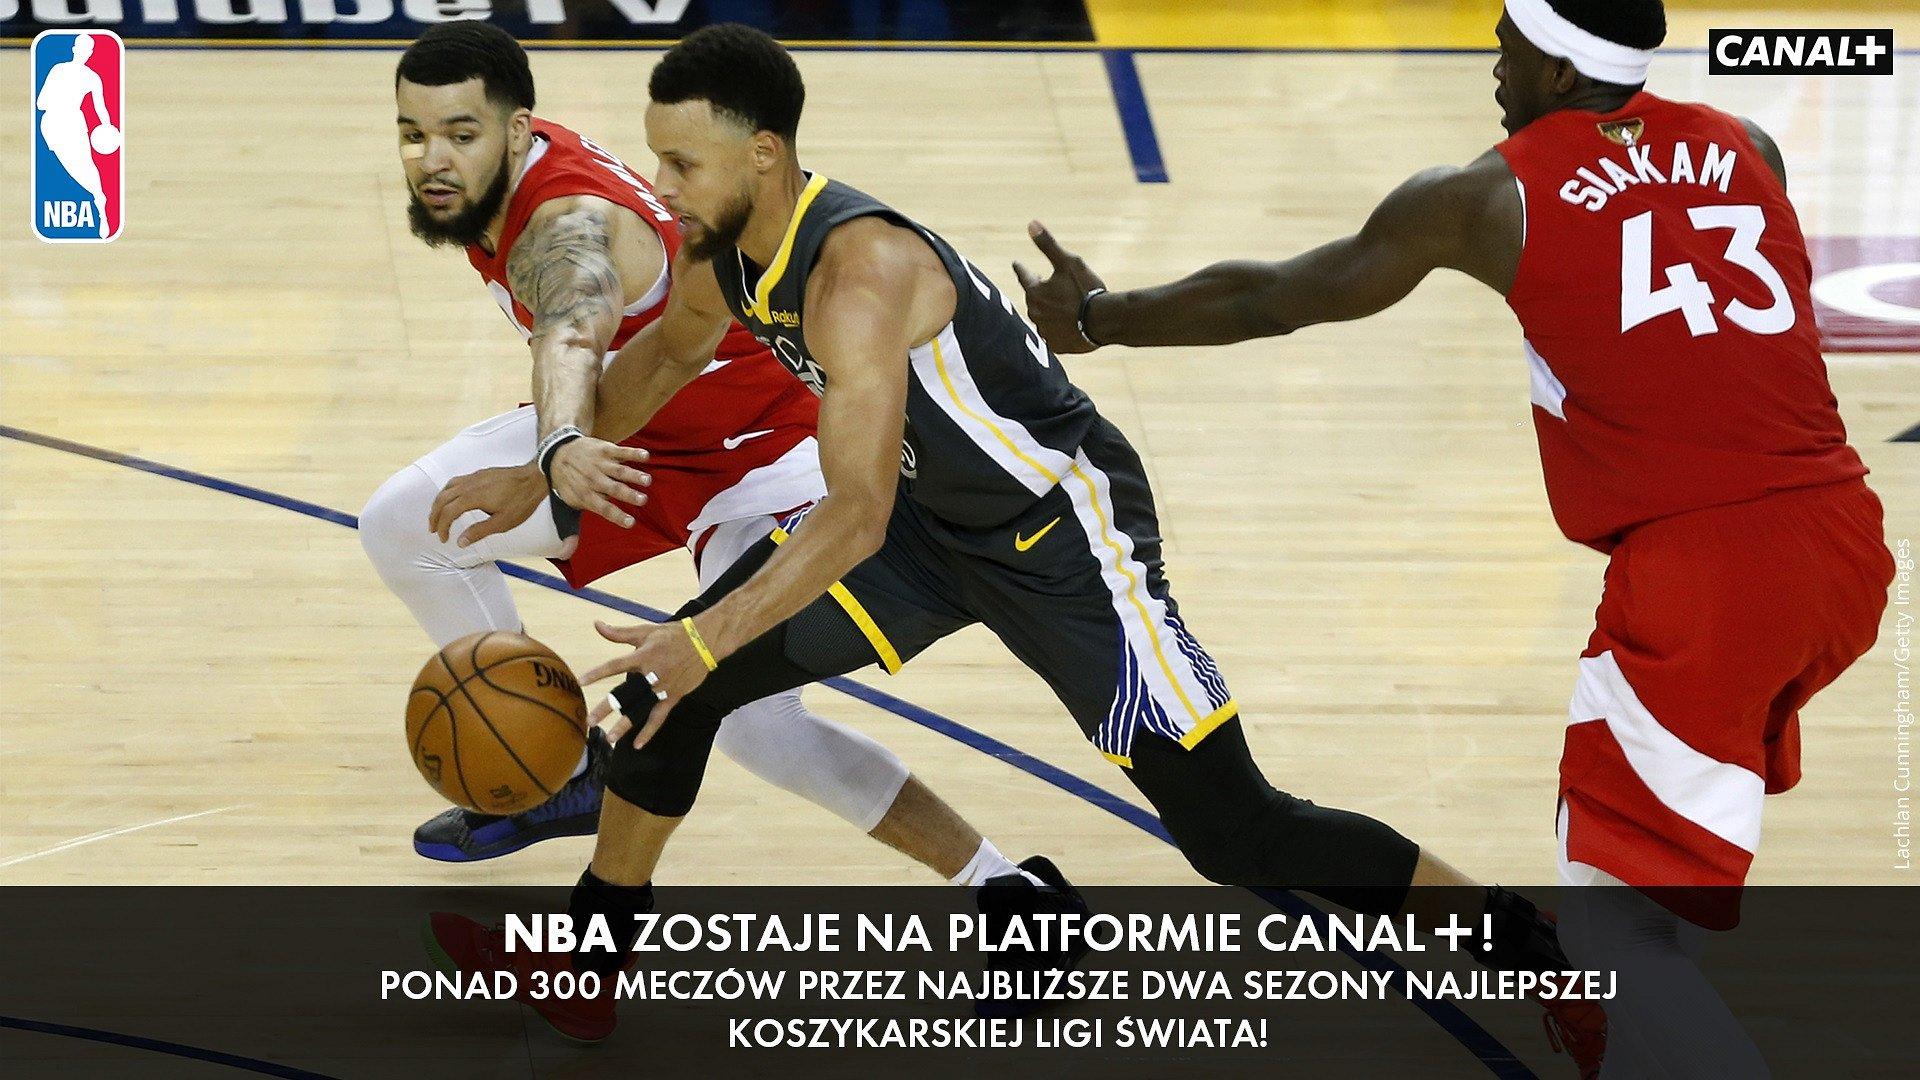 Platforma CANAL+ z prawami do NBA – najlepszej koszykarskiej ligi świata